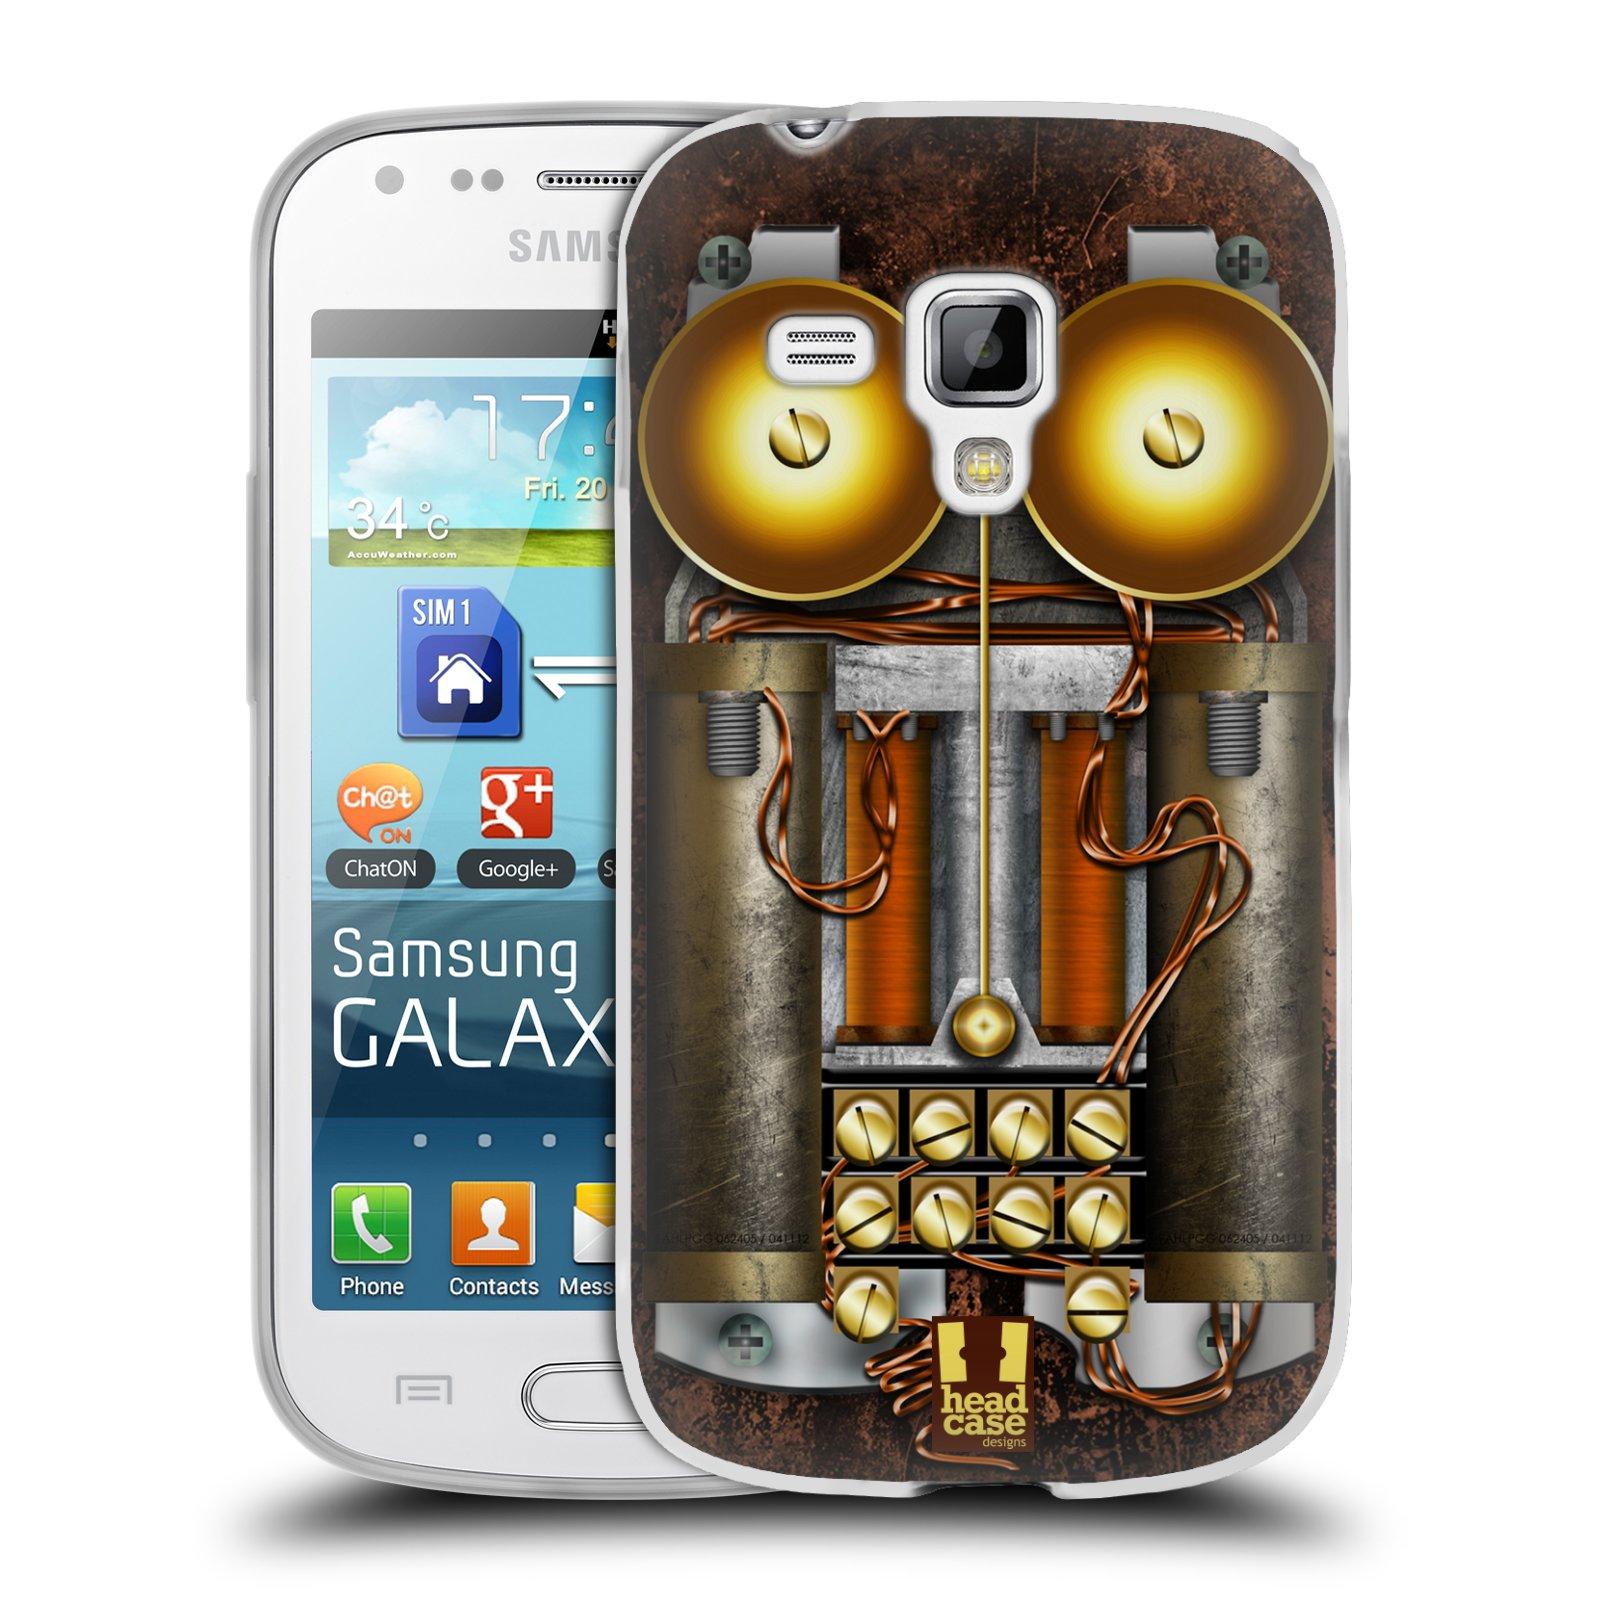 Silikonové pouzdro na mobil Samsung Galaxy S Duos HEAD CASE STEAMPUNK TELEFON (Silikonový kryt či obal na mobilní telefon Samsung Galaxy S Duos GT-S7562)